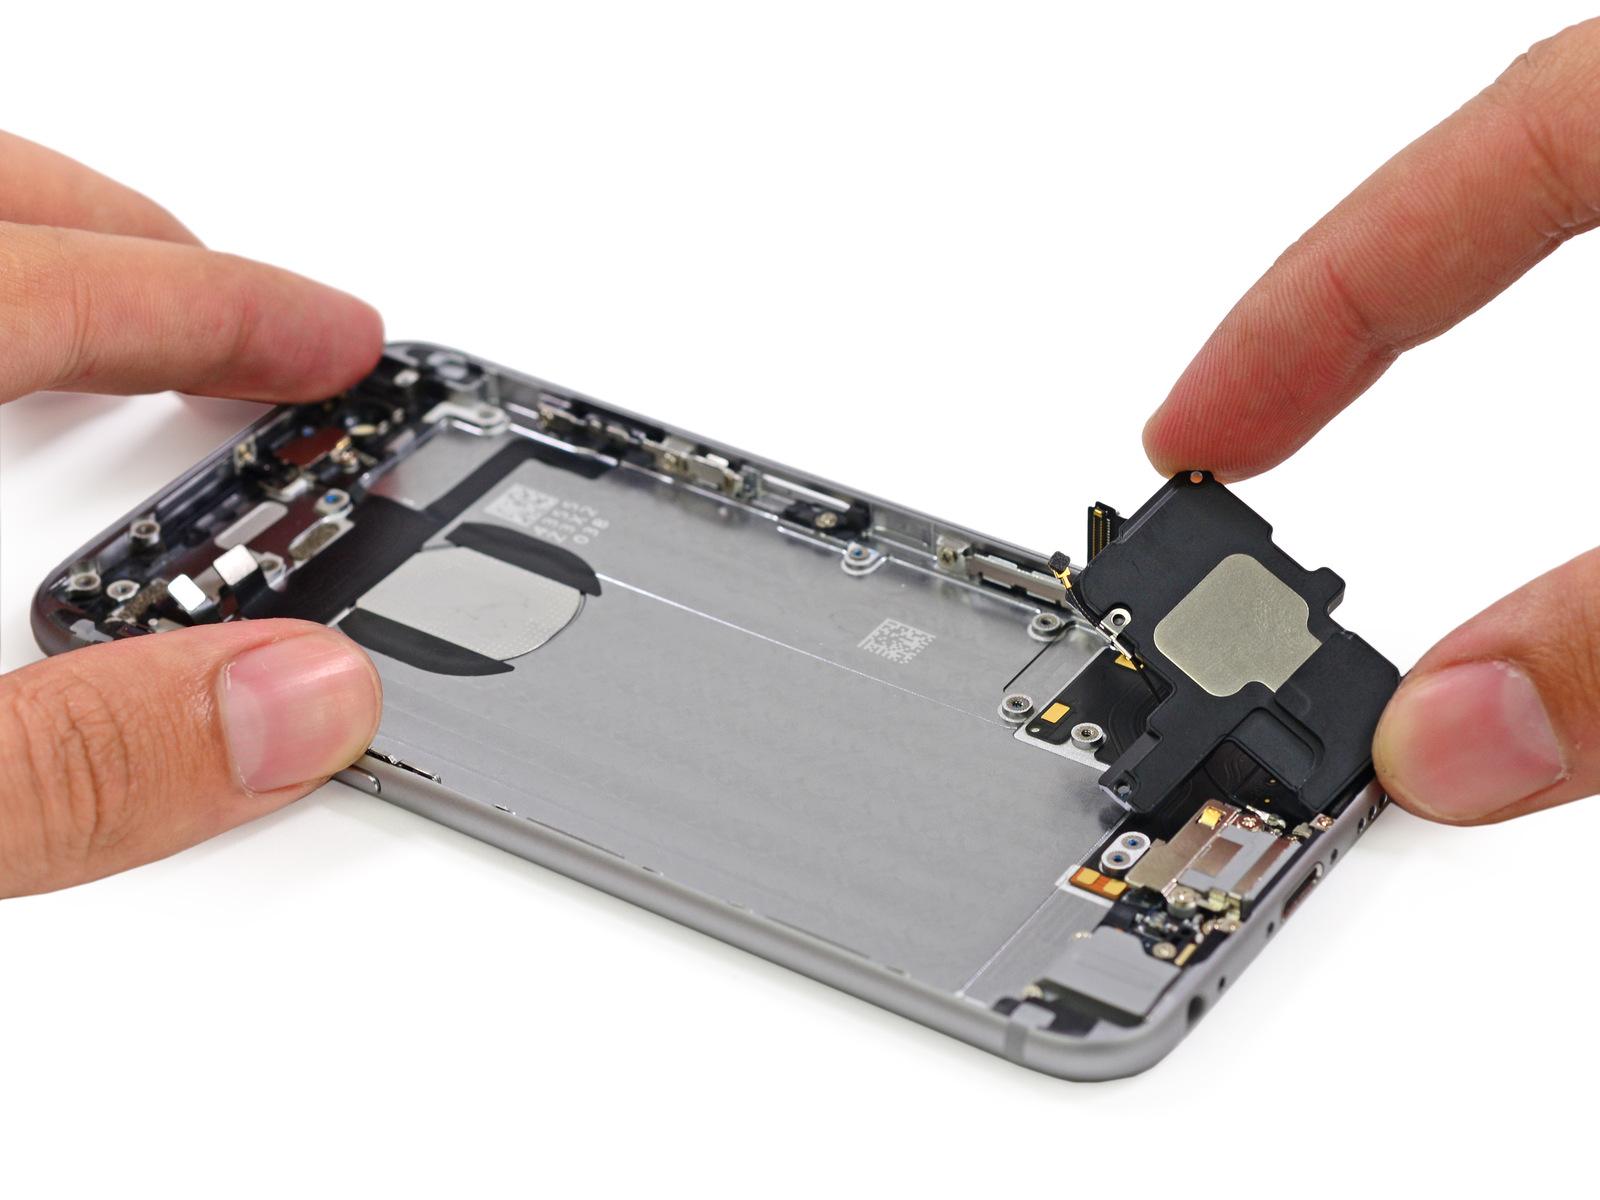 также ремонт айфон 6 в москве замена динамика полотна помогает усилить